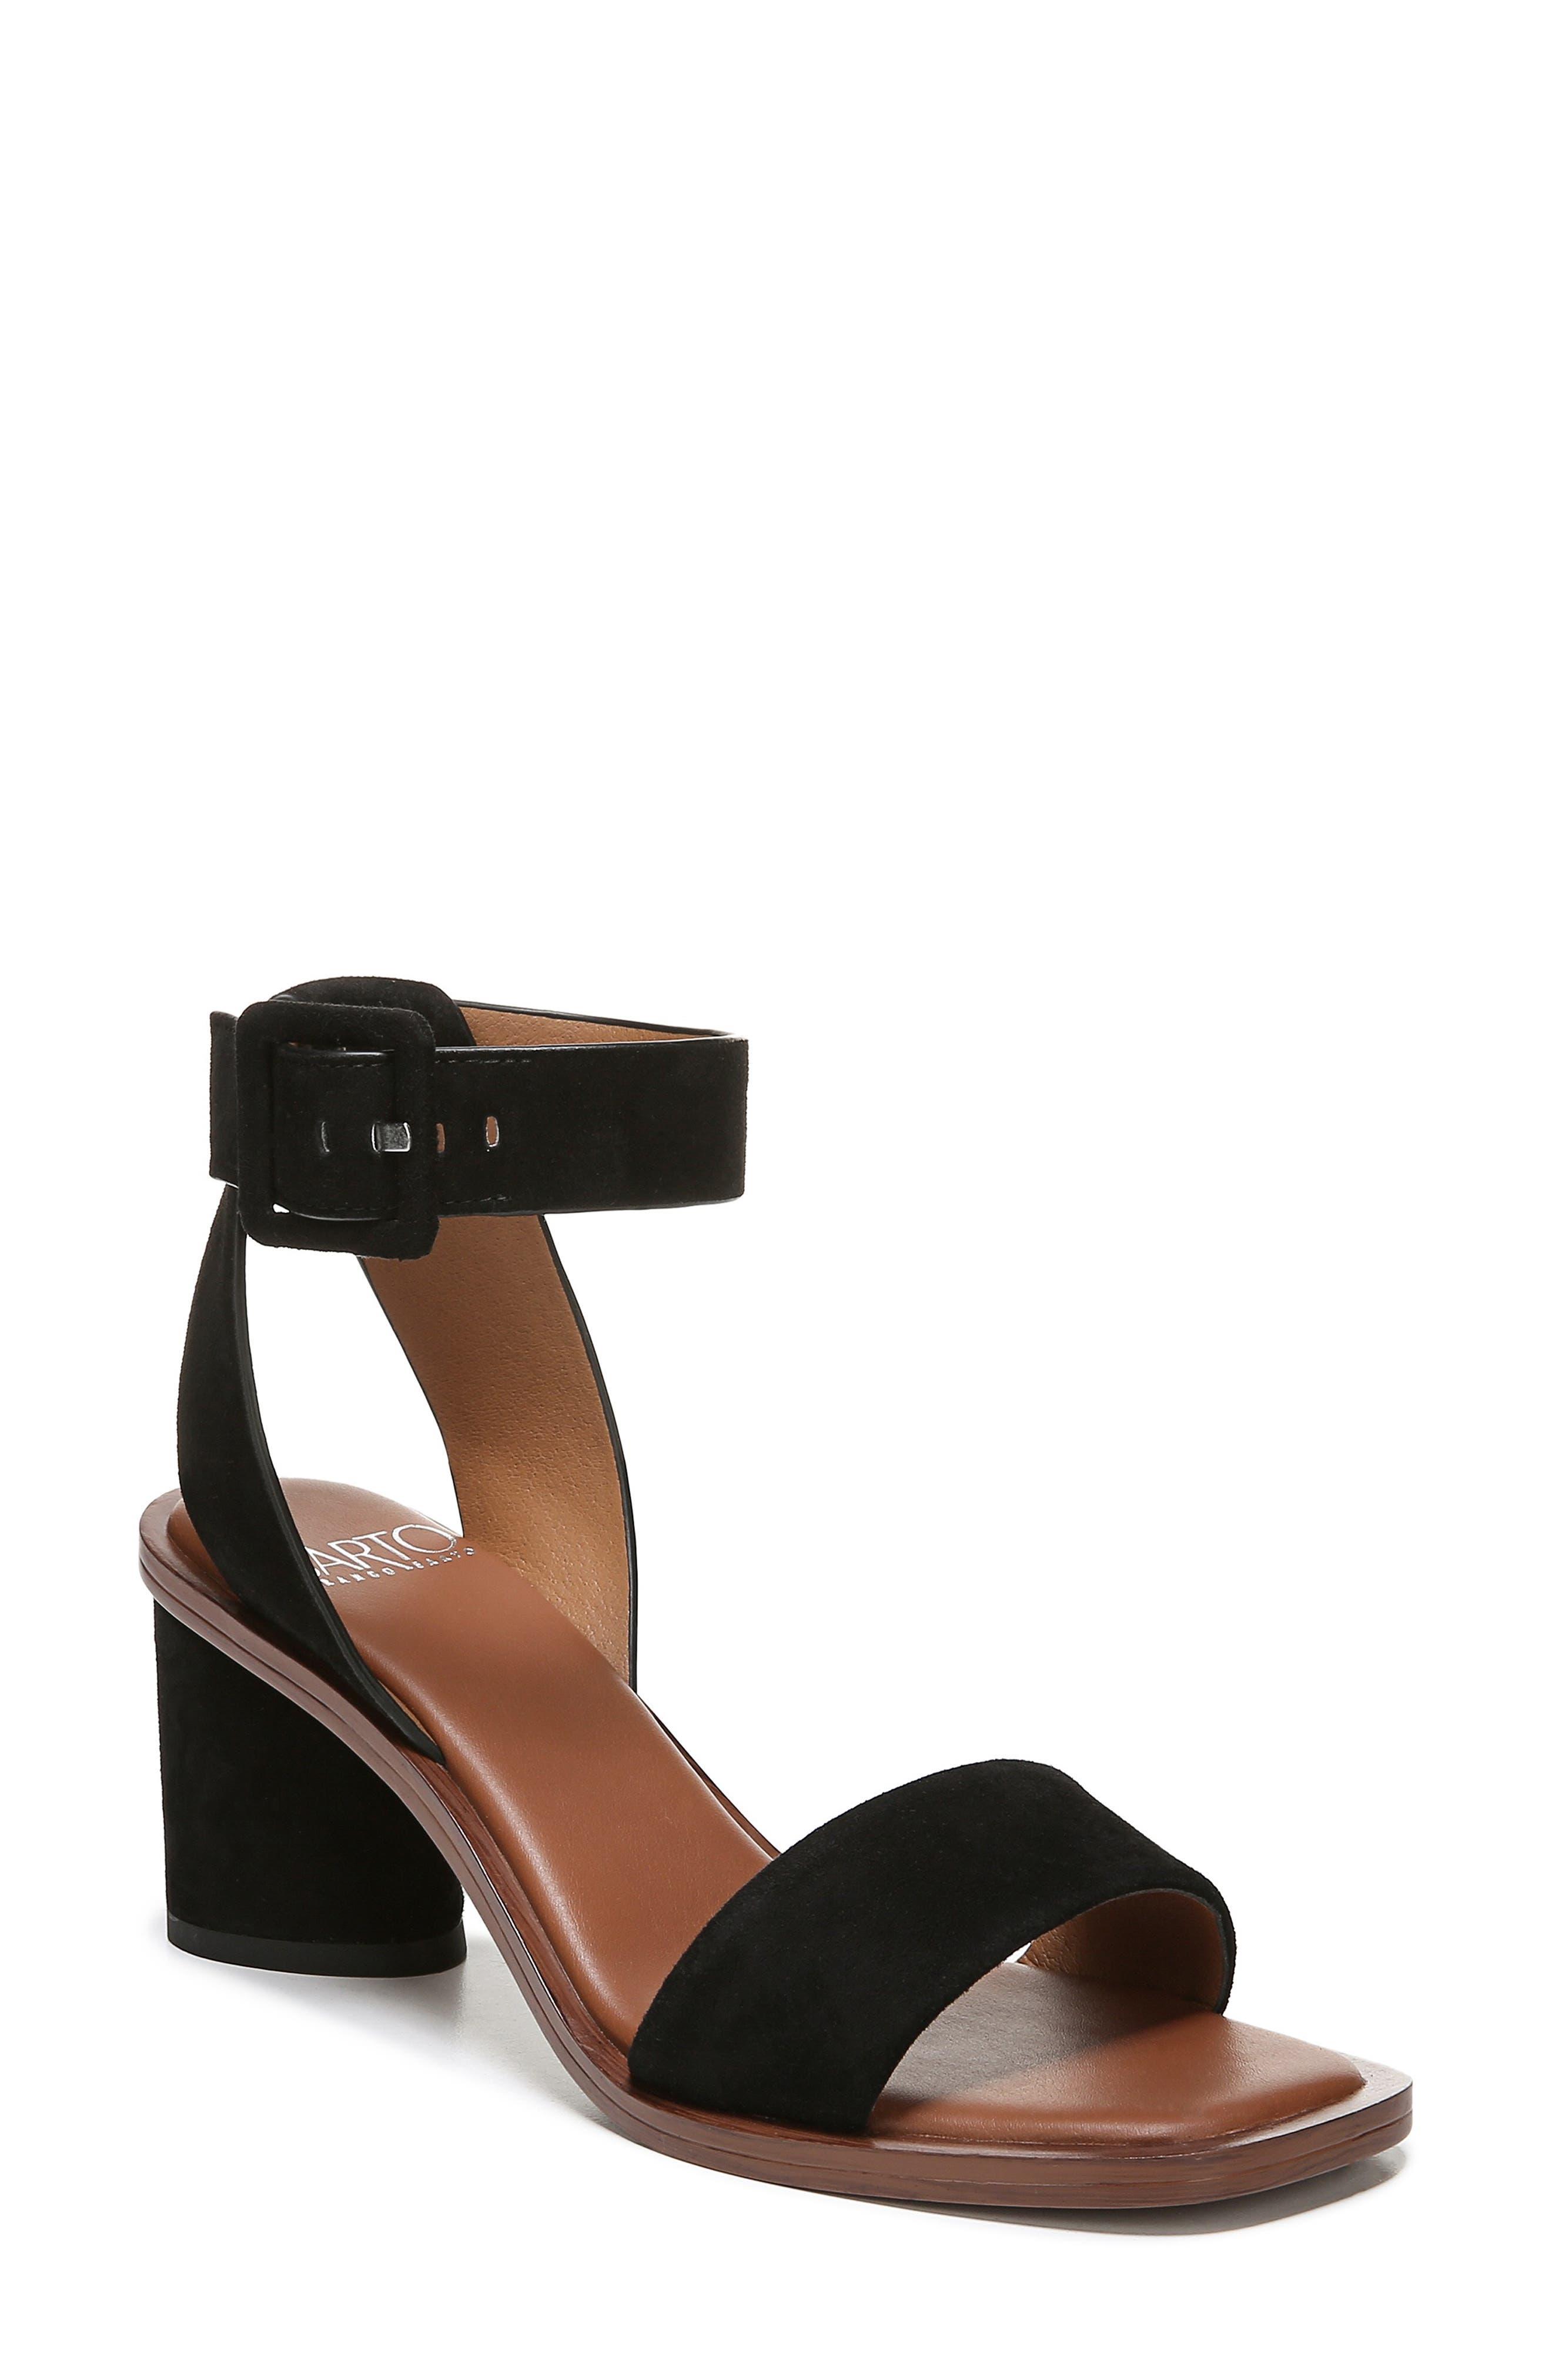 SARTO BY FRANCO SARTO Risa Strap Sandal, Main, color, BLACK SUEDE